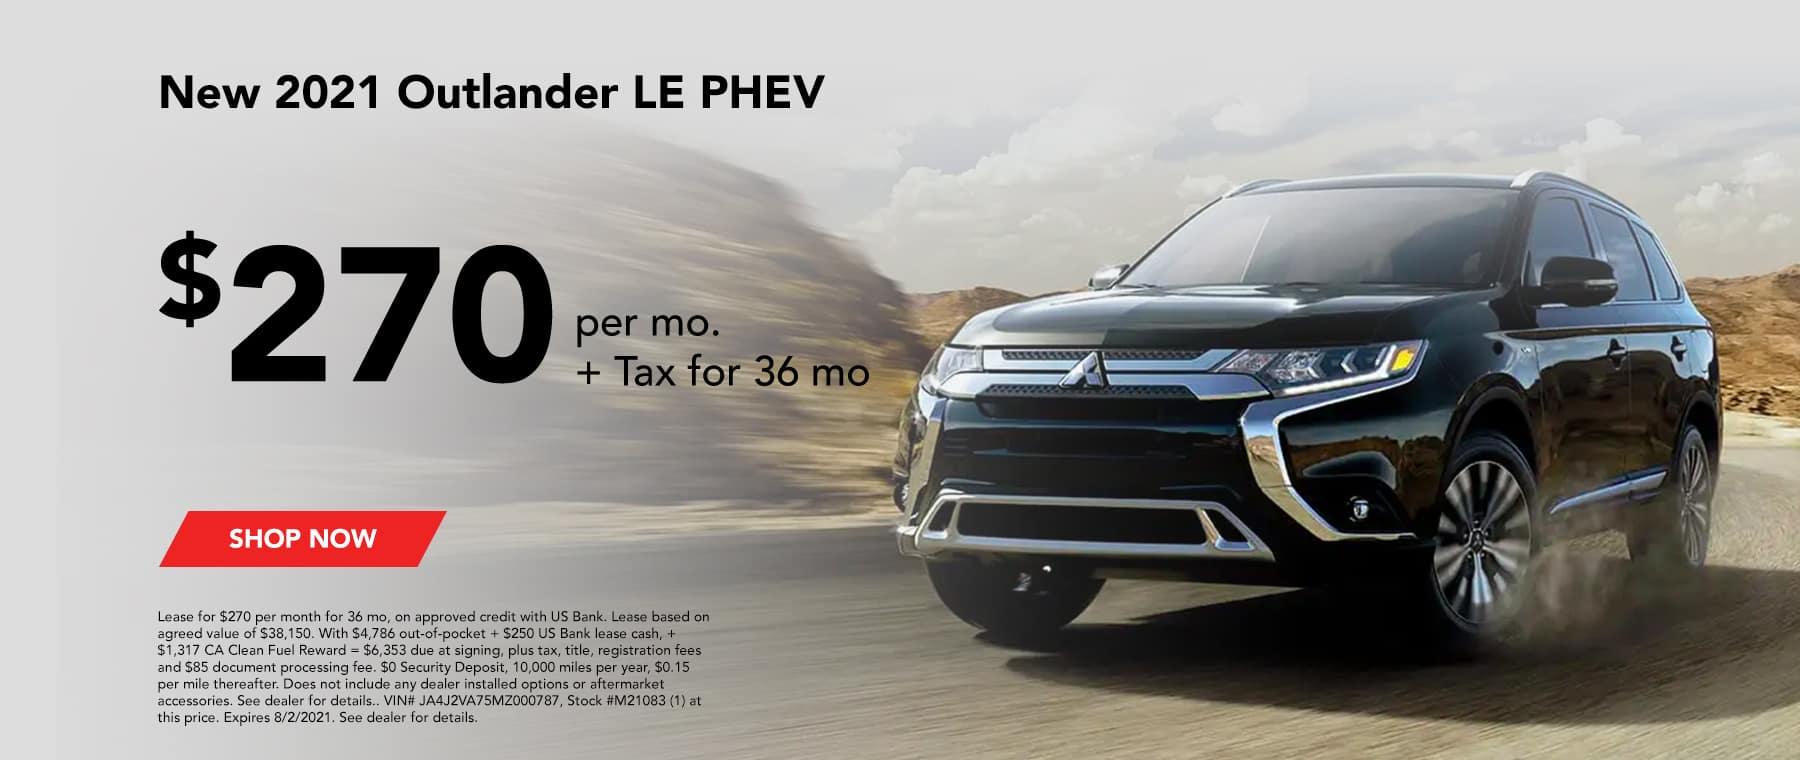 New 2021 OUTLANDER LE PHEV $270 per mo. + Tax for 36 mo Lease